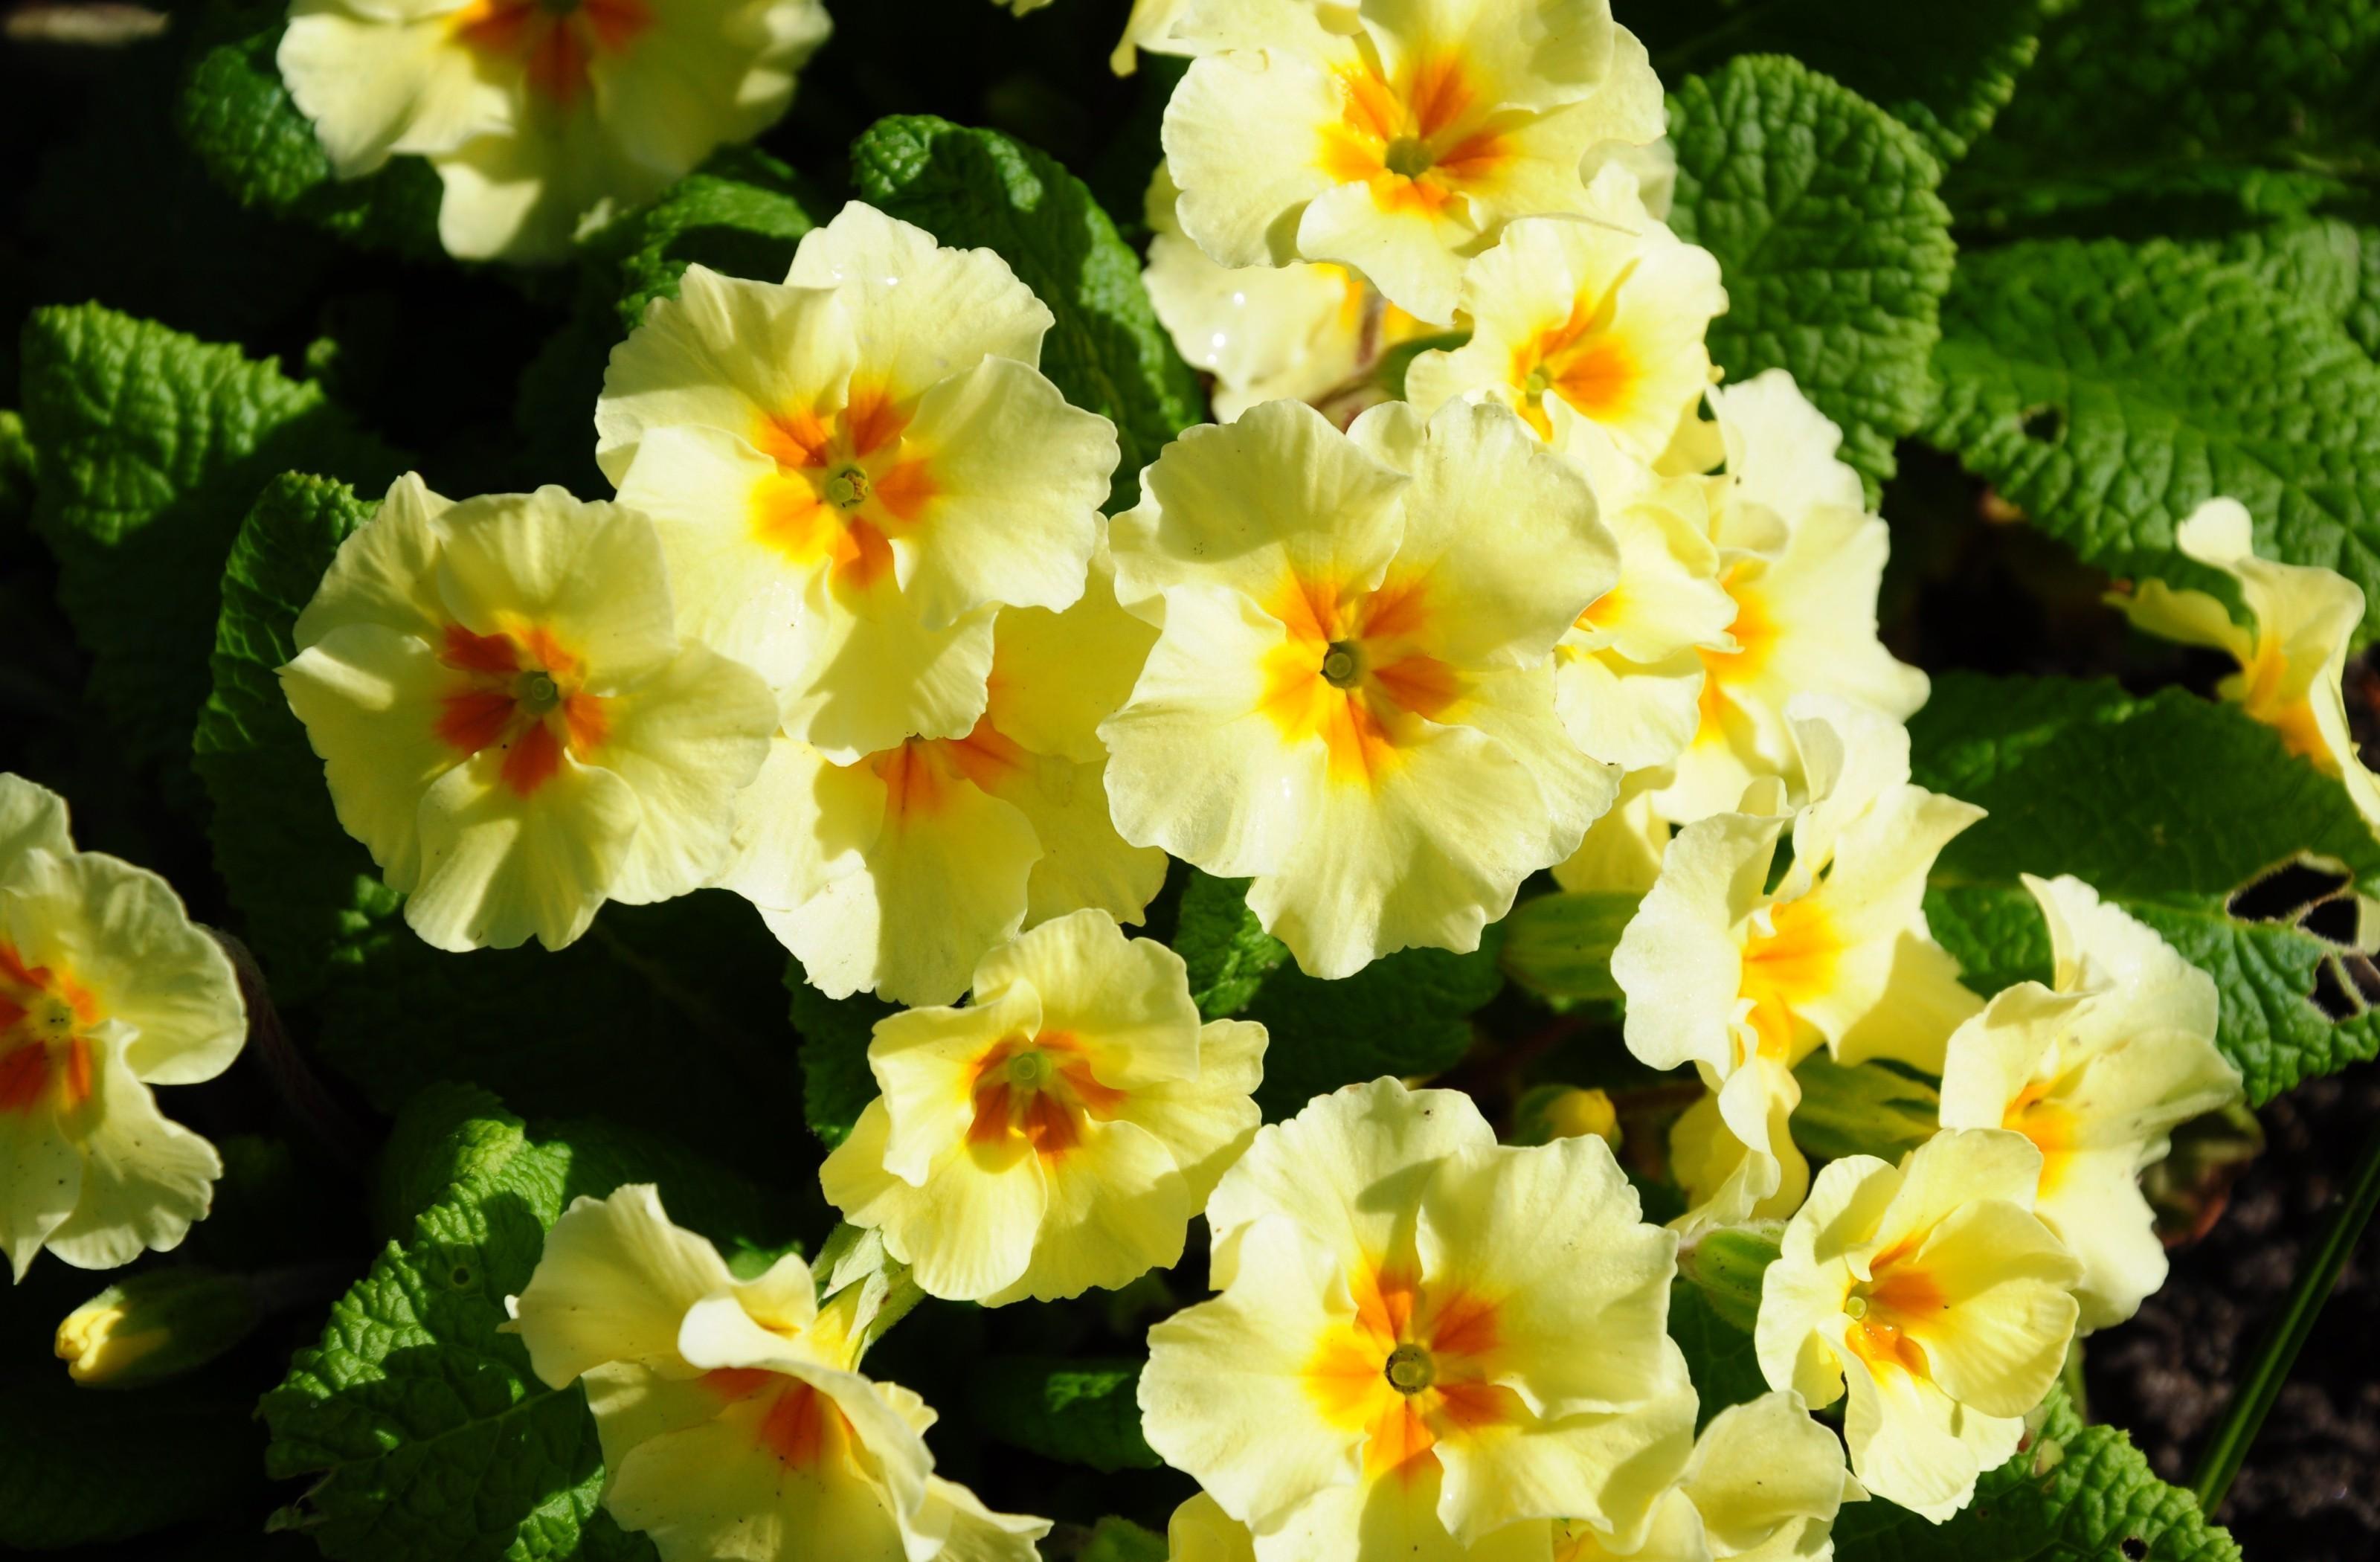 137124 Salvapantallas y fondos de pantalla Flores en tu teléfono. Descarga imágenes de Flores, Primavera, Verduras, Cama De Flores, Parterre, Soleado gratis